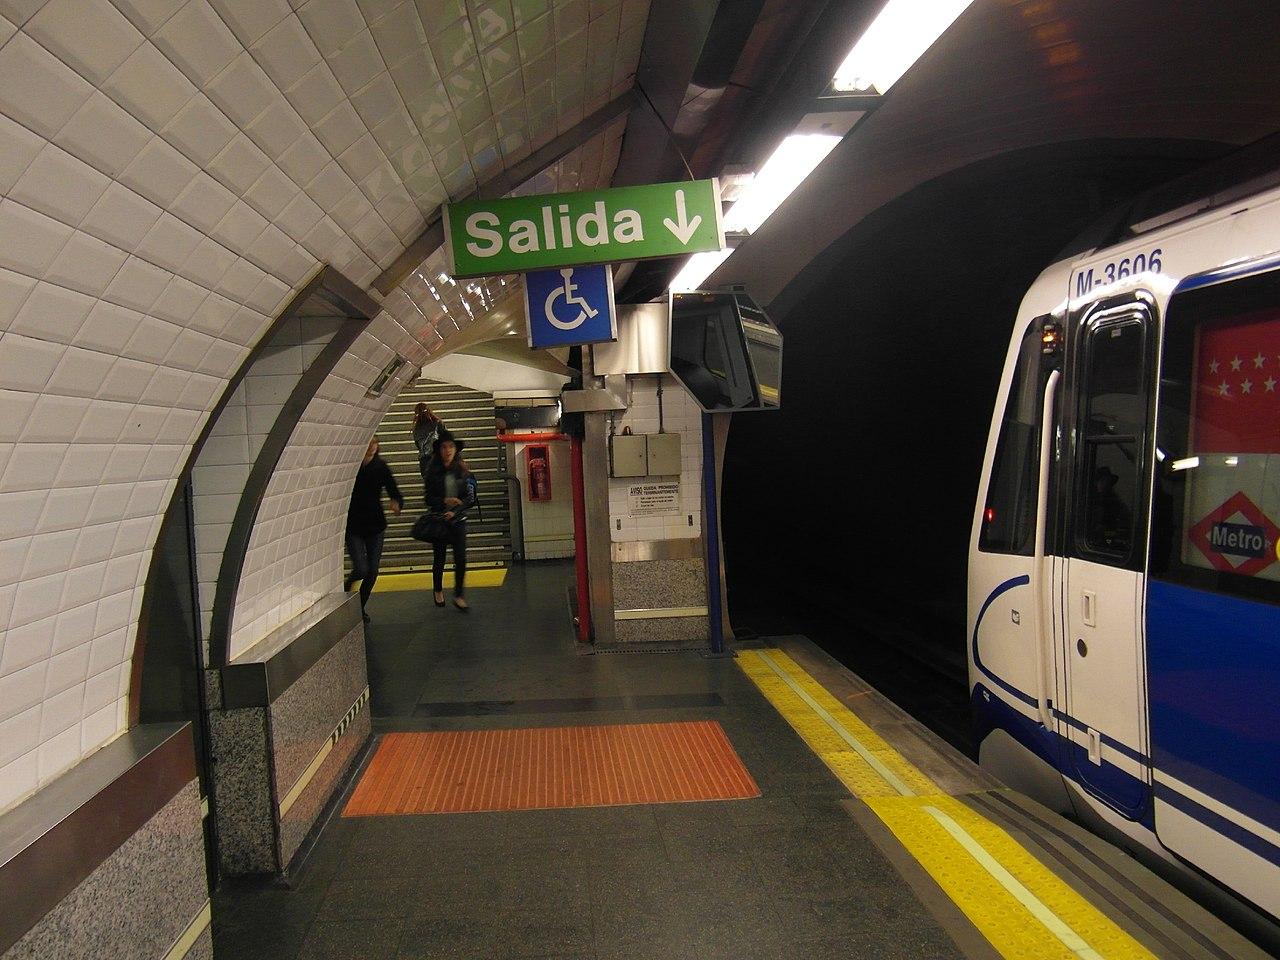 Estaci Ef Bf Bdn Espa Ef Bf Bda Metro A Se Va A Villa Borghese